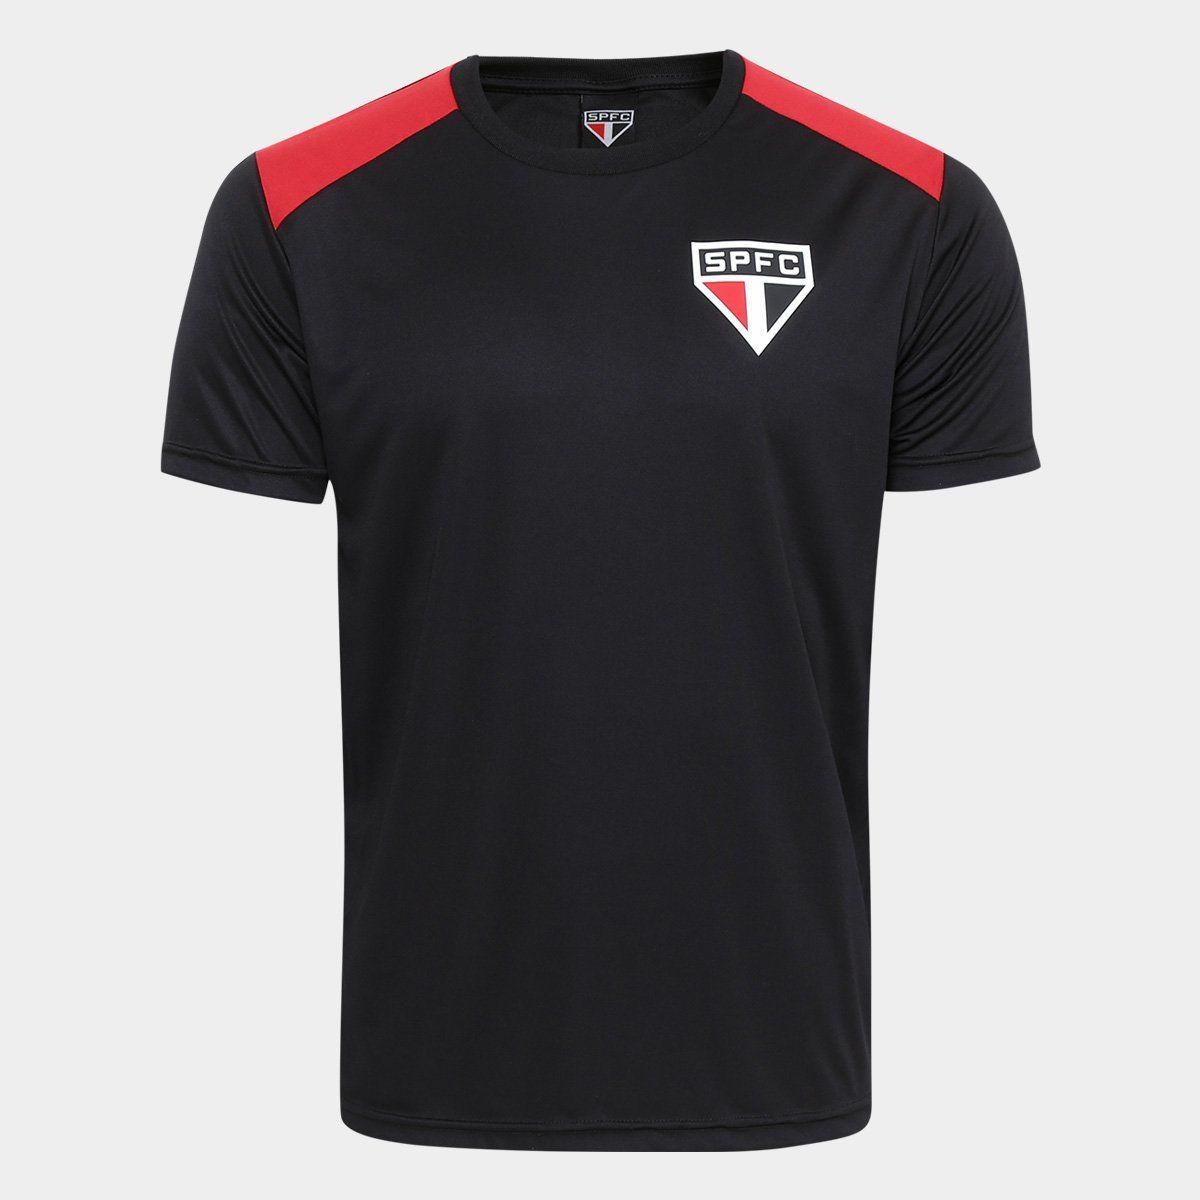 Camiseta São Paulo Vince - Masculino - Preto e Vermelho